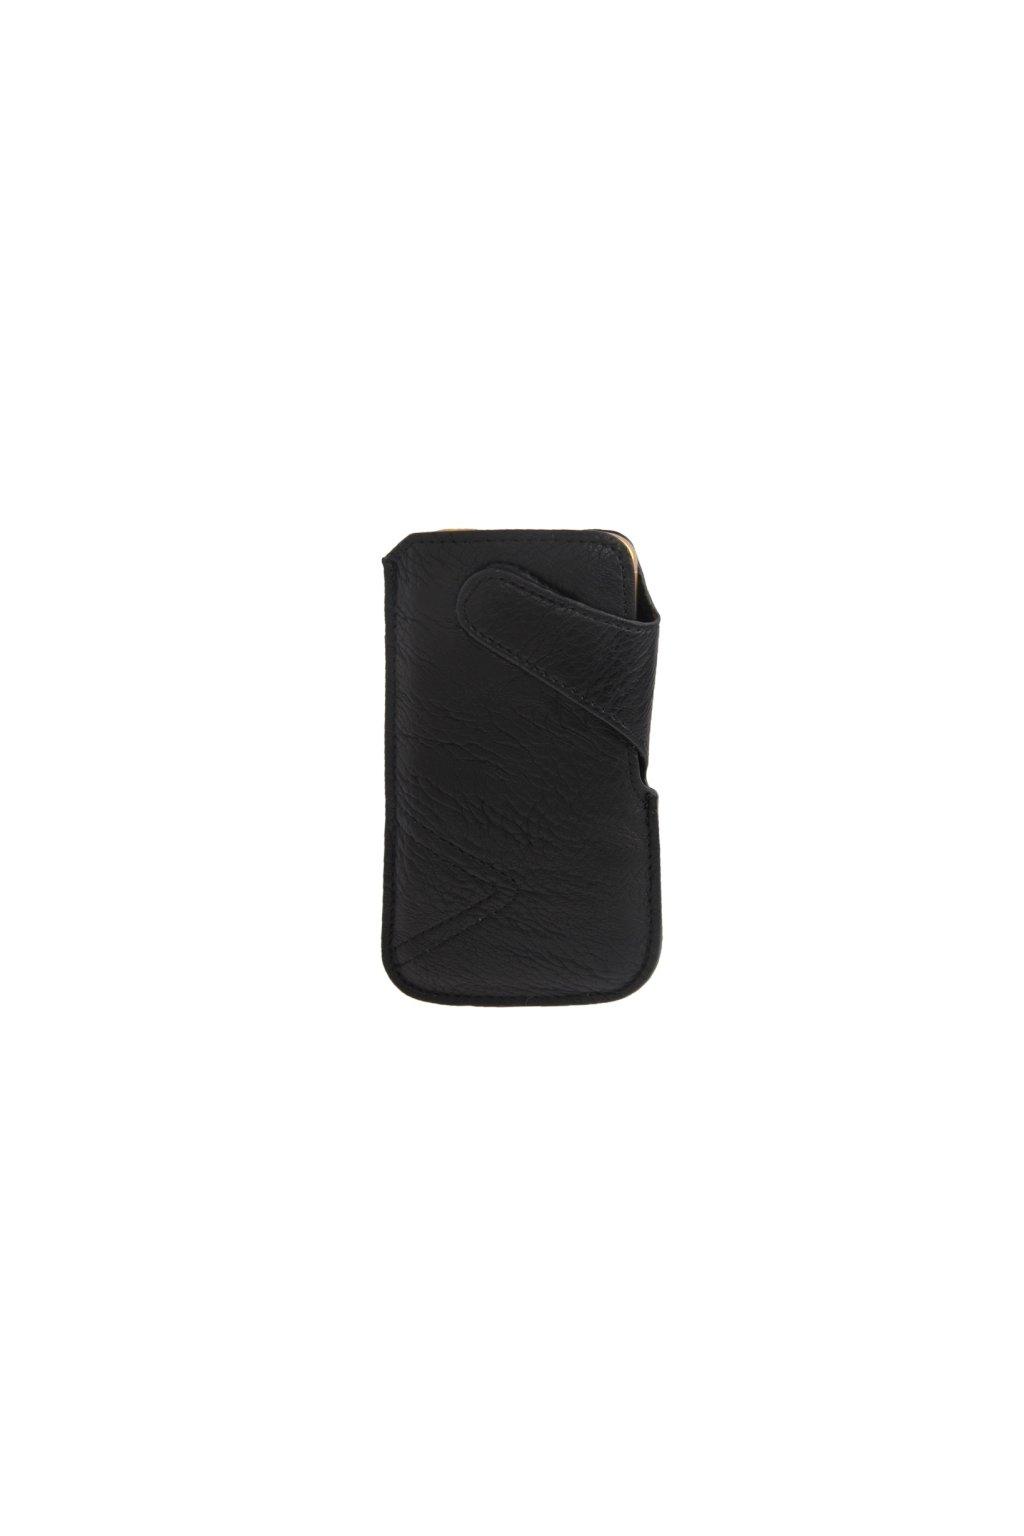 Koženkové pouzdro Pull iPhone 5/5S, black/černá